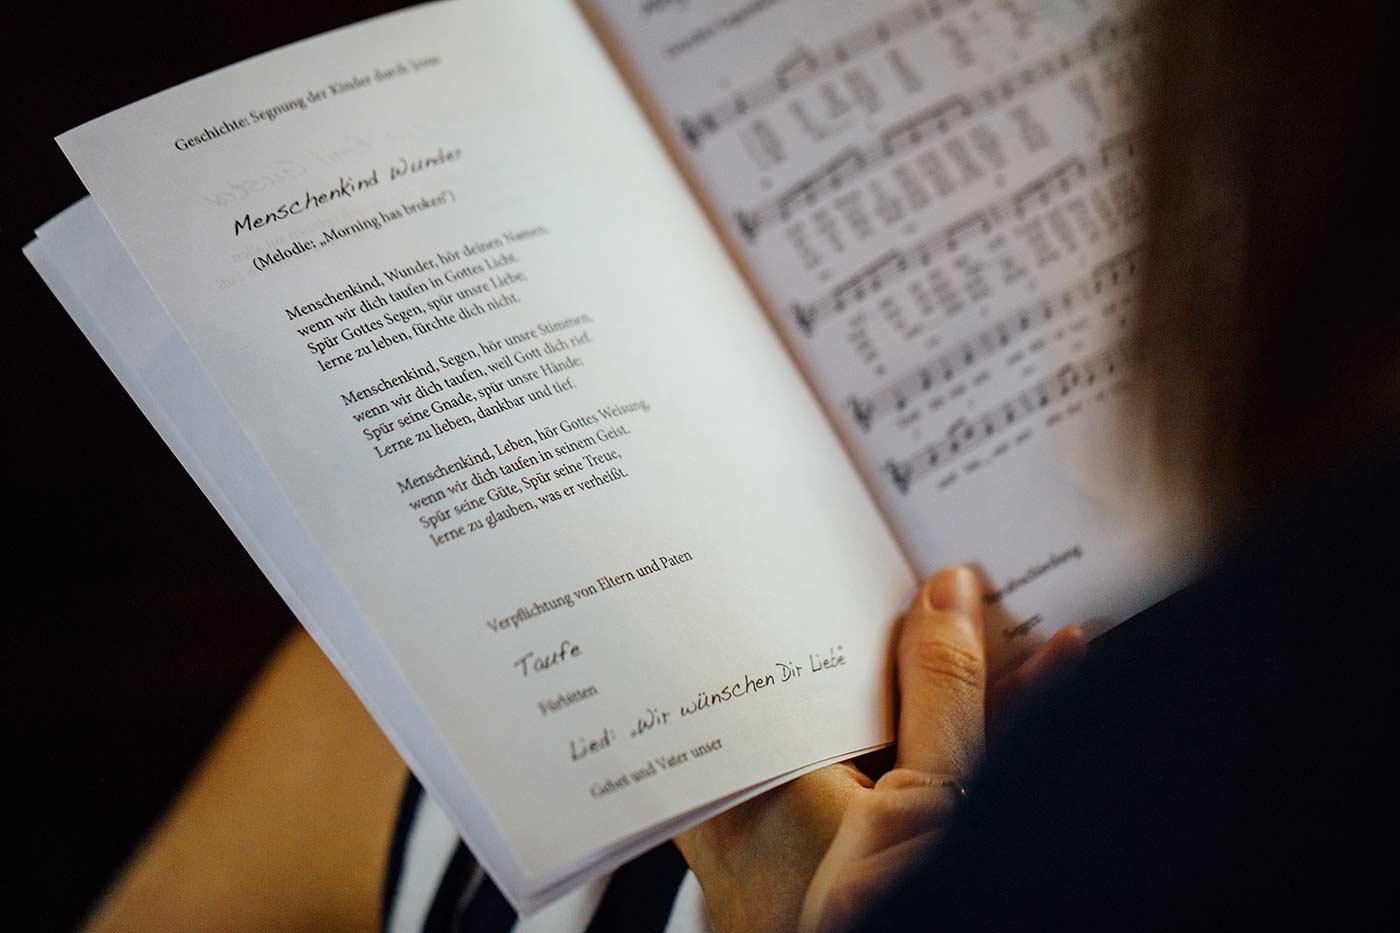 Lieder Zur Beerdigung Evangelisch